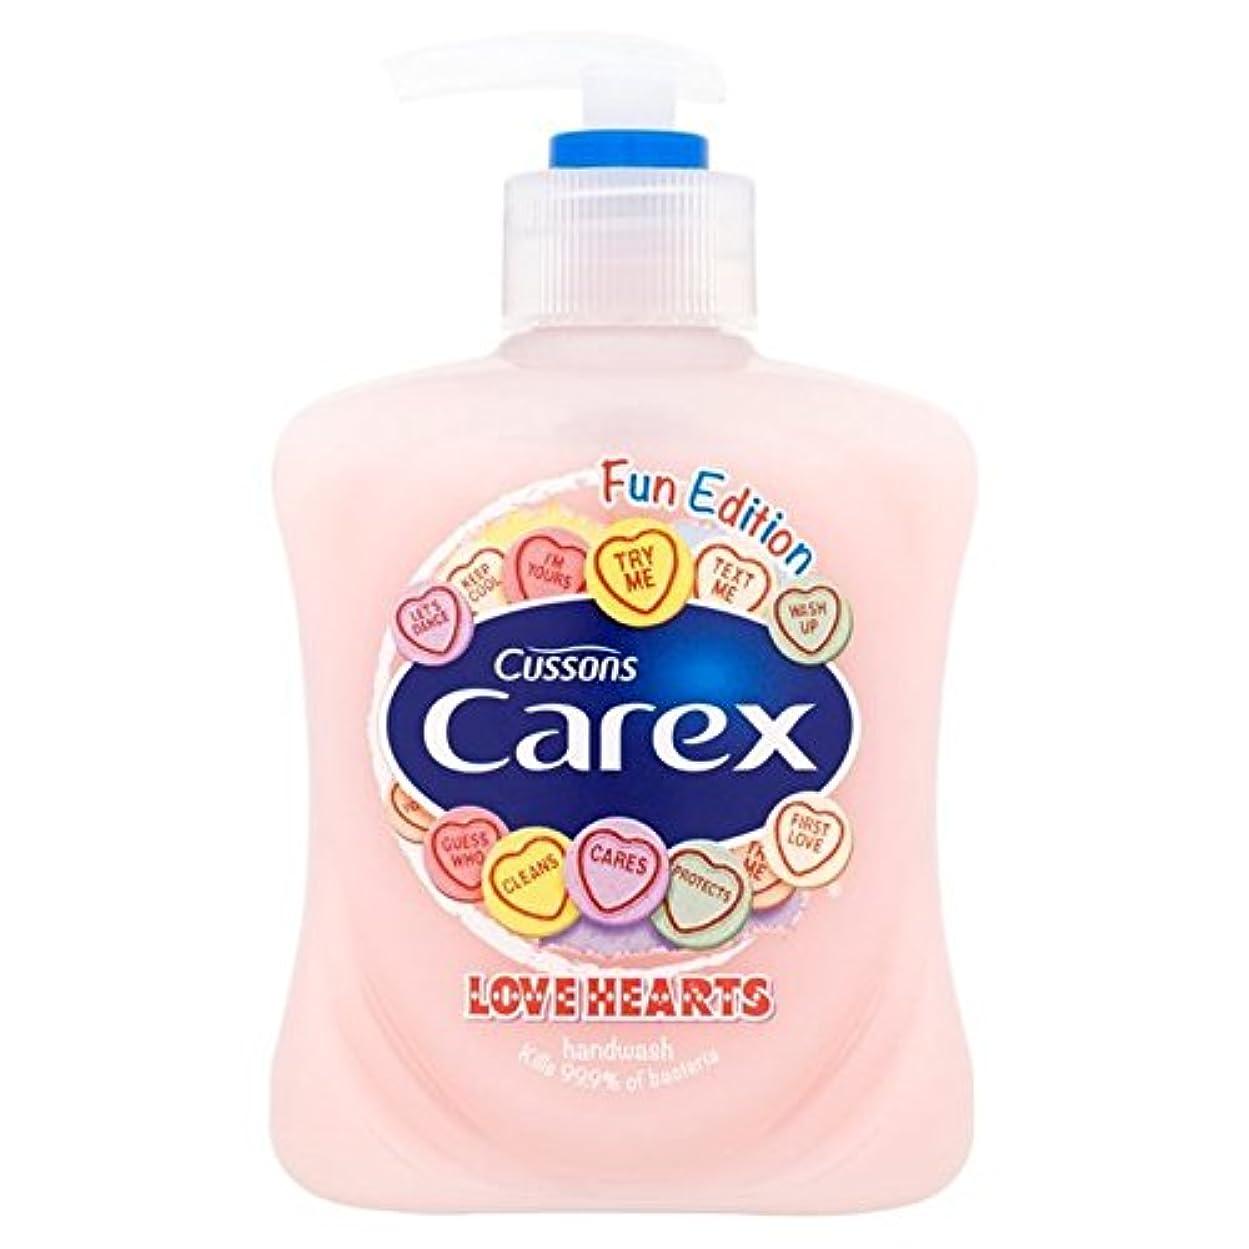 ガイダンス投資する思いつくCarex Fun Edition Love Hearts Hand Wash 250ml (Pack of 6) - スゲ楽しい版愛の心のハンドウォッシュ250ミリリットル x6 [並行輸入品]